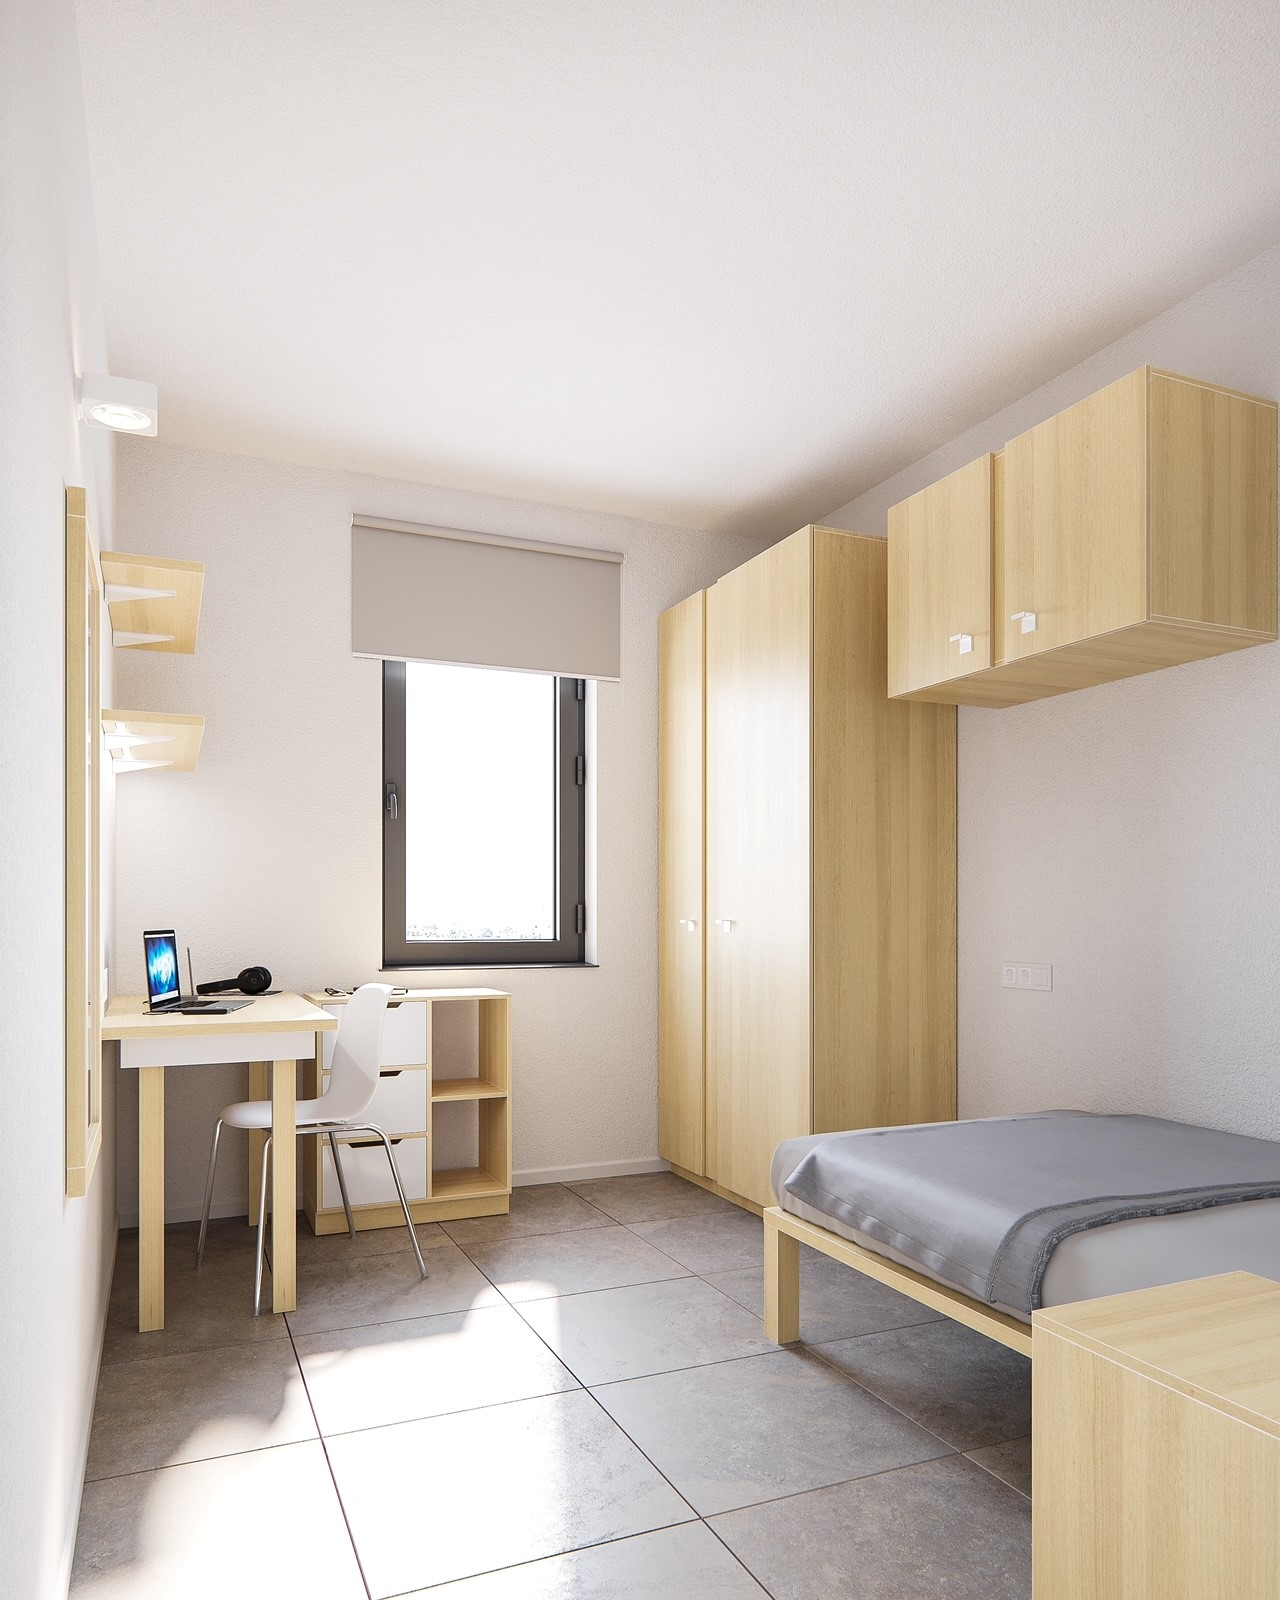 new University Residence room 3